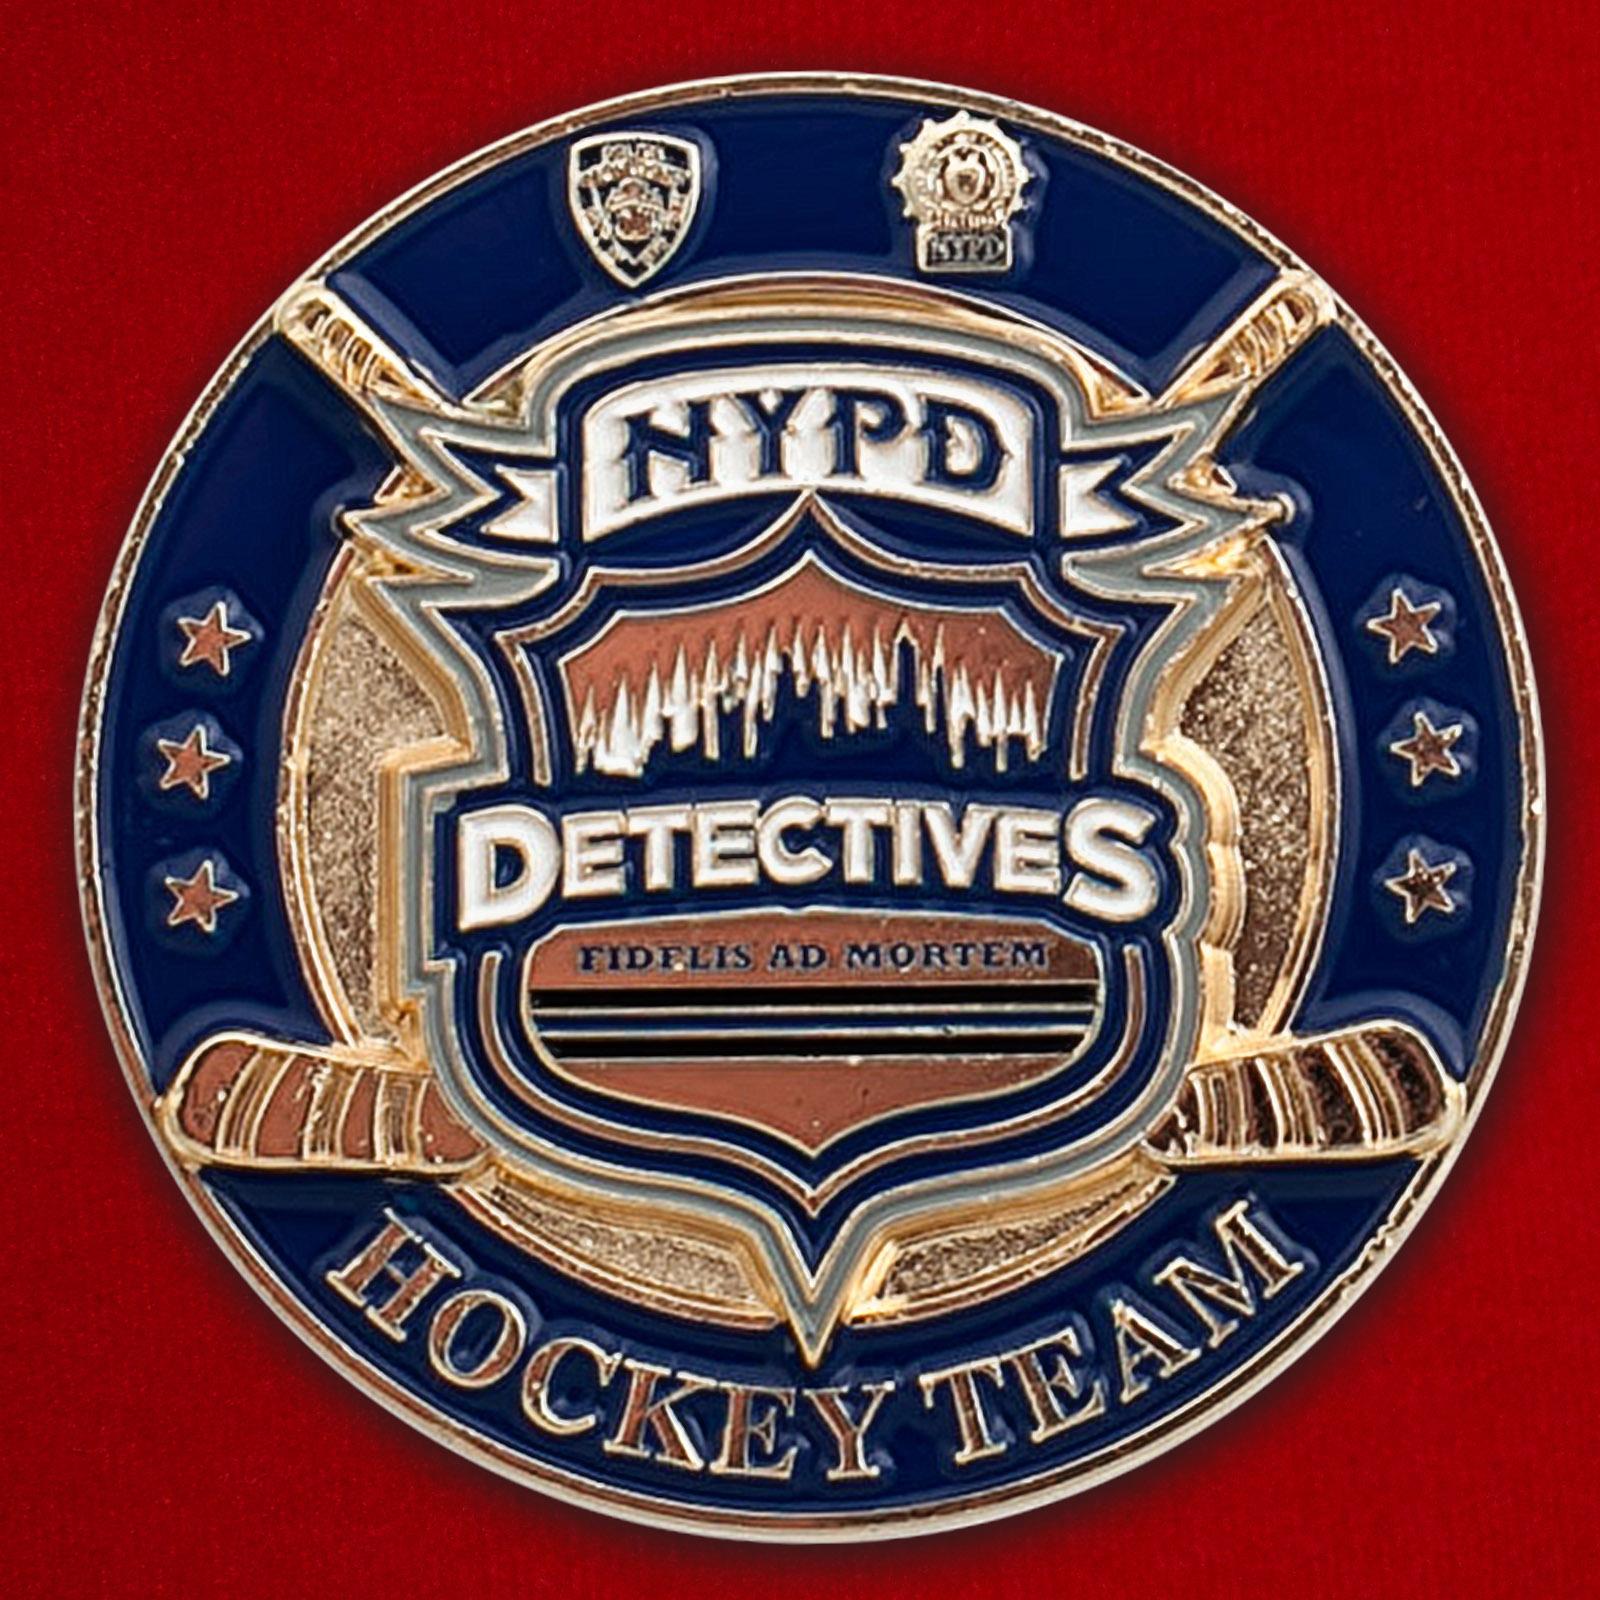 Челлендж коин хоккейной команды детективов Управления полиции Нью-Йорка